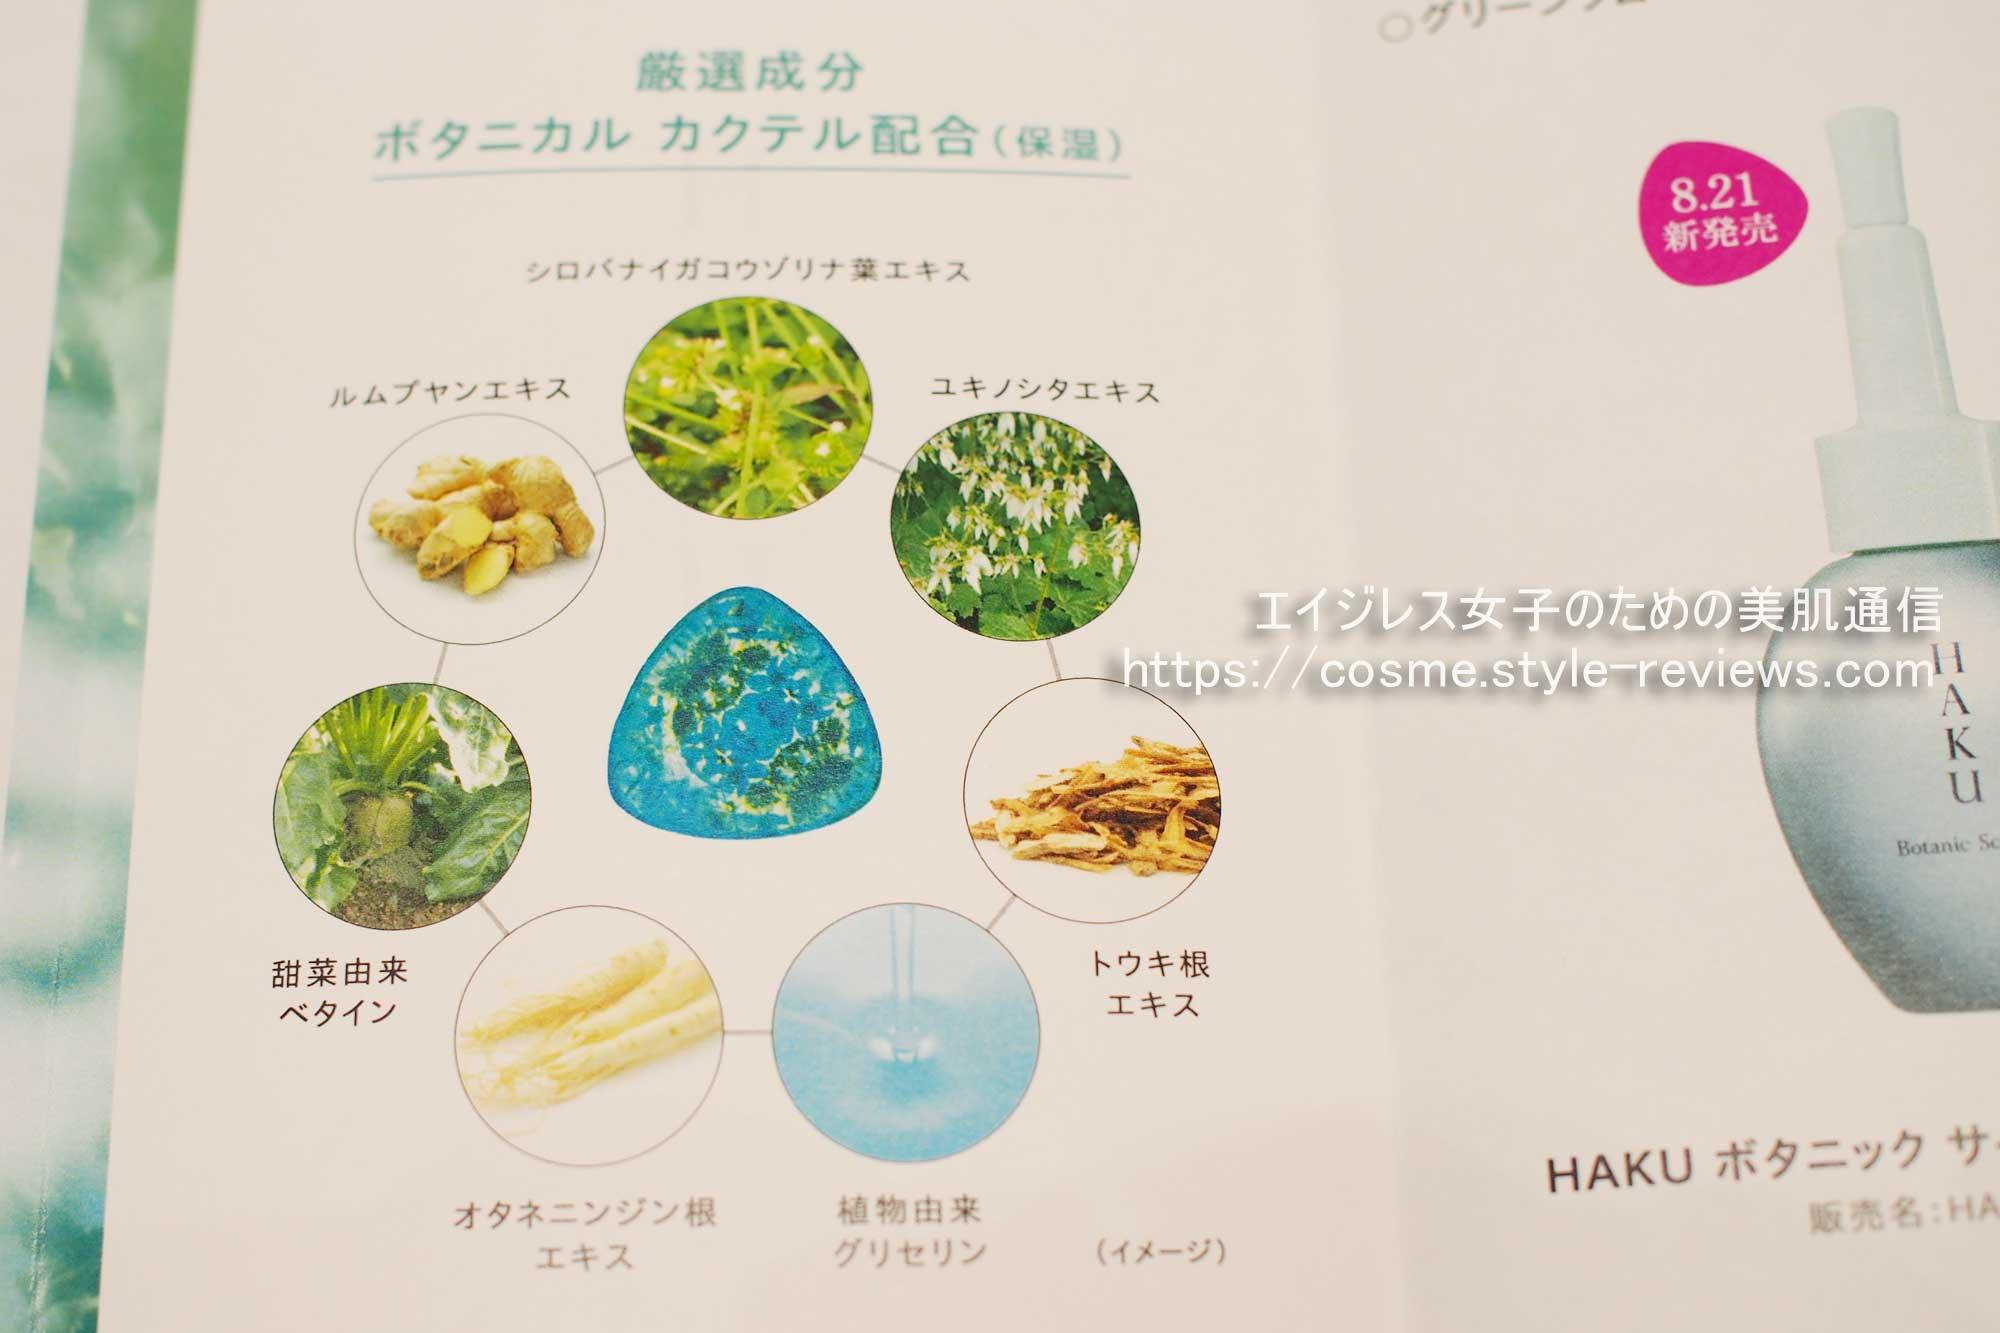 HAKUボタニックサイエンスに配合されている植物エキス